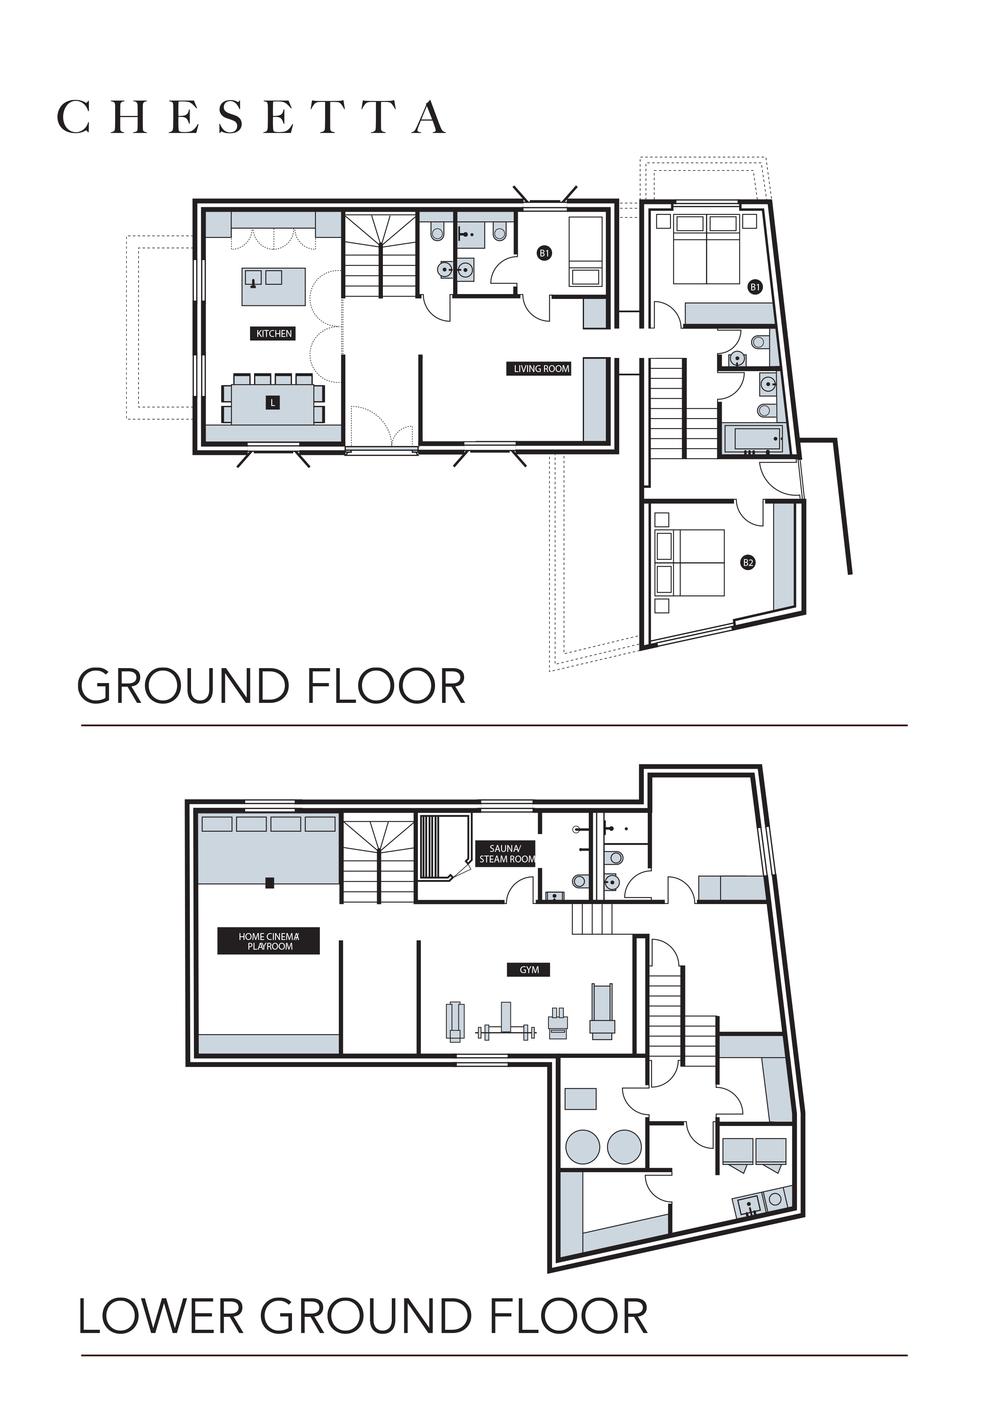 floorplans-3.jpg